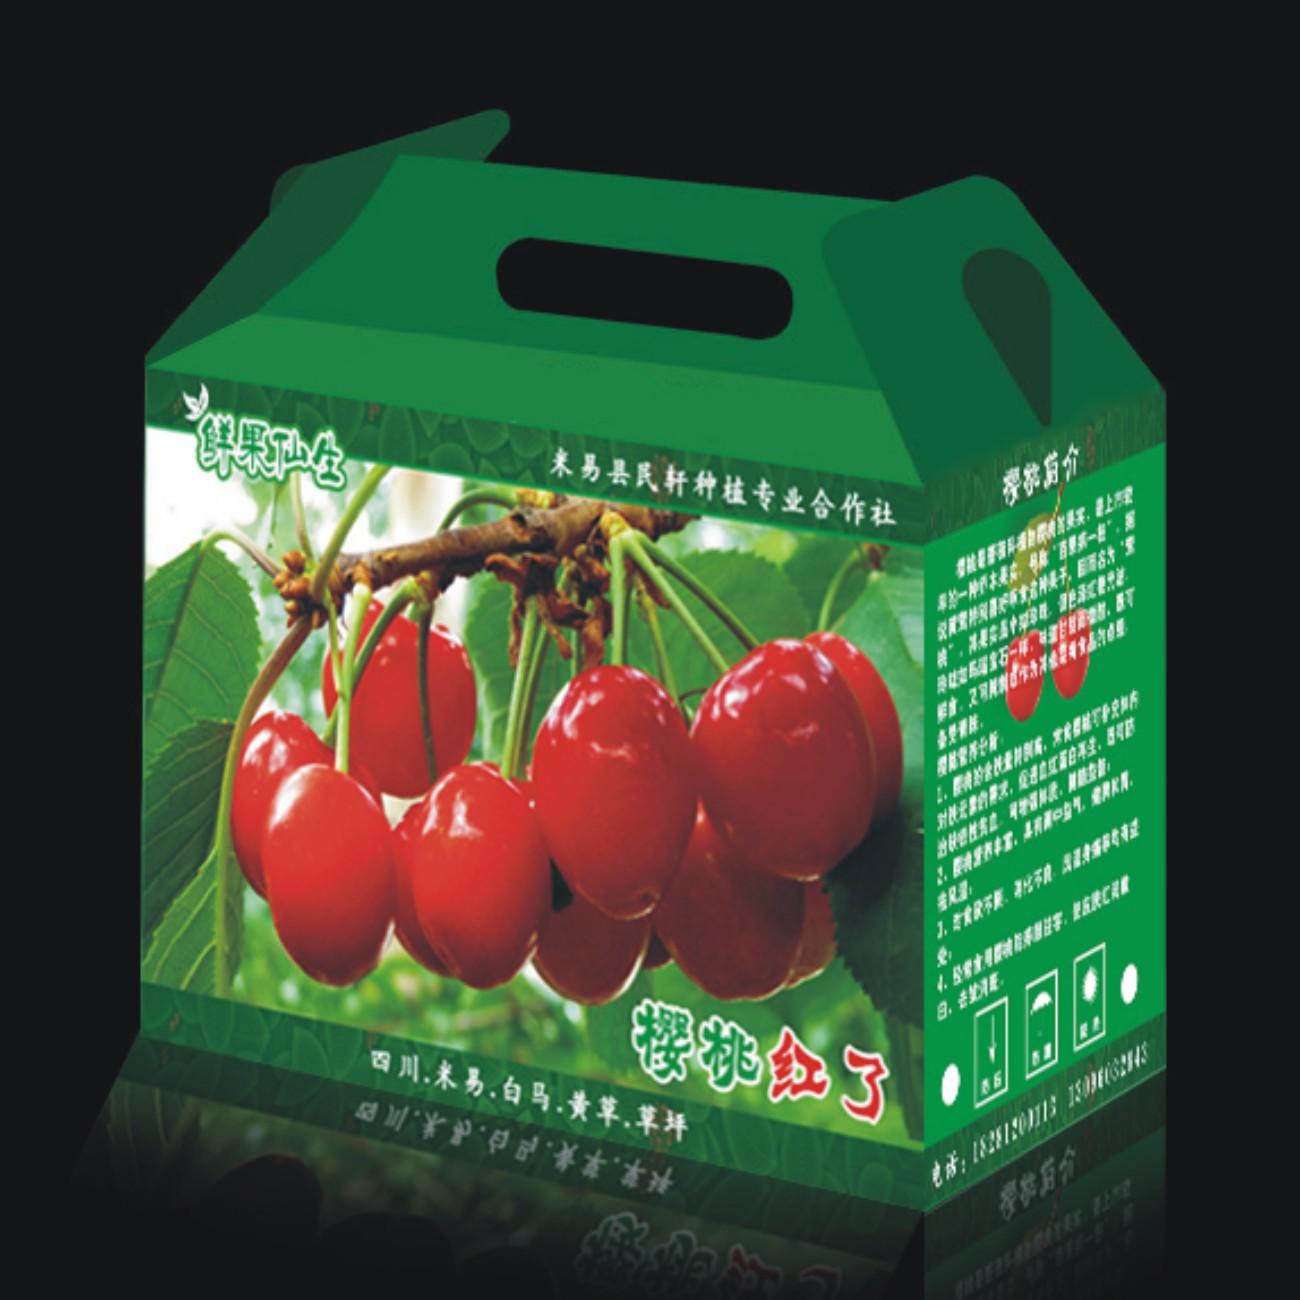 樱桃礼盒包装